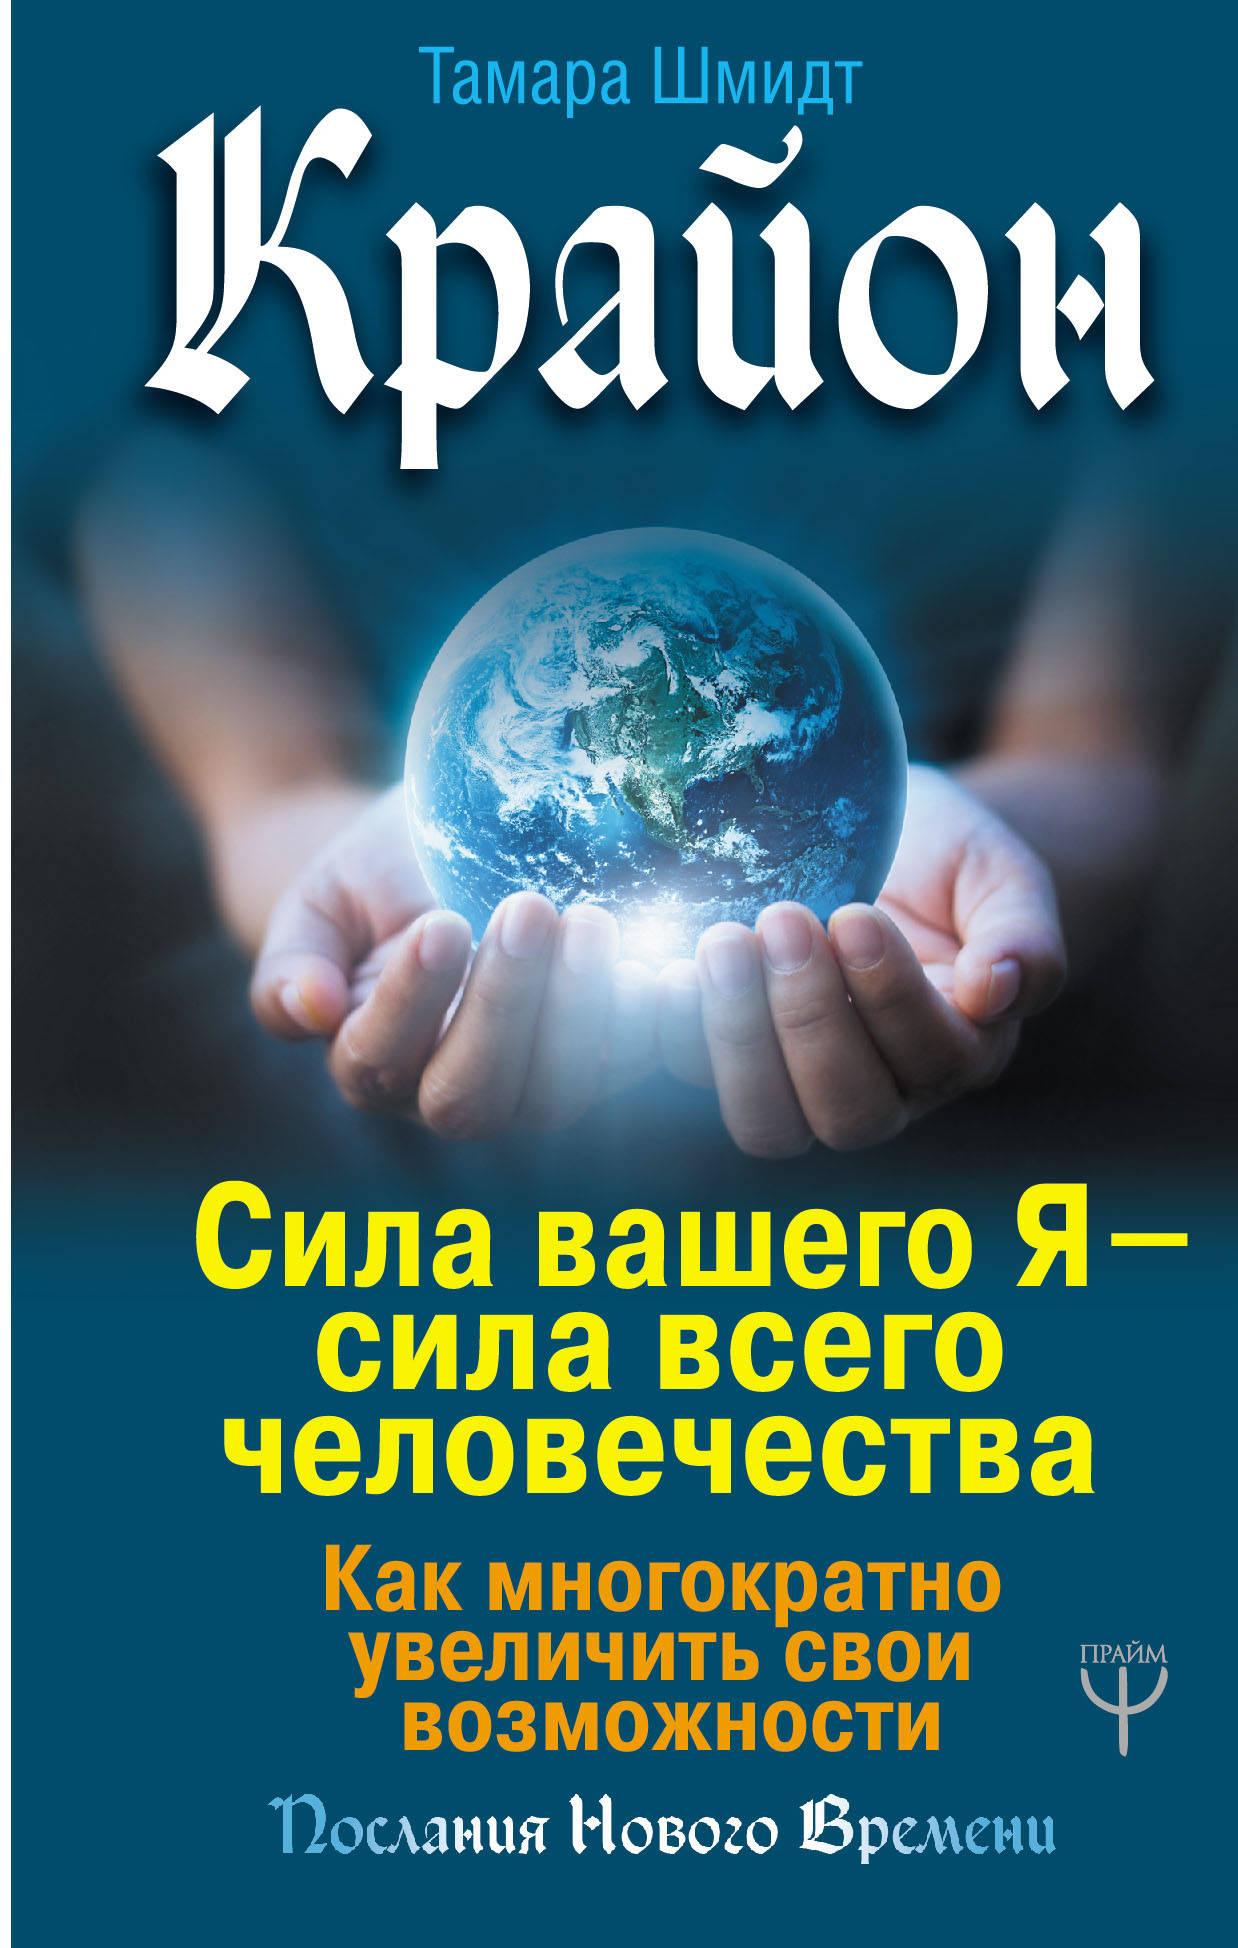 Купить Психология, Крайон. Сила вашего Я — сила всего человечества. Как многократно увеличить свои возможности, Тамара Шмидт, 978-5-17-113898-1